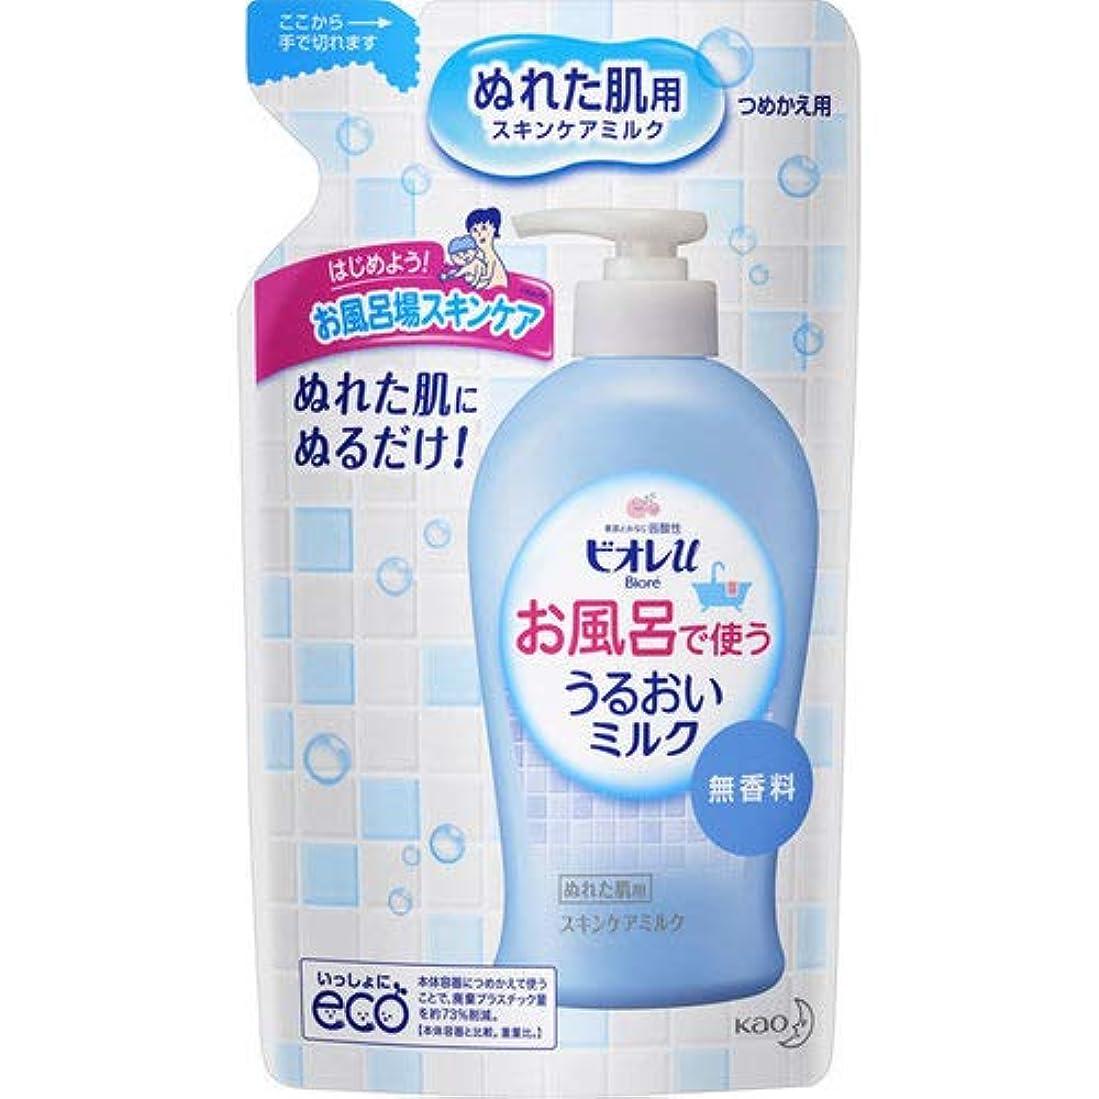 ブレス抑制するファイナンスビオレu お風呂で使ううるおいミルク 無香料 つめかえ用 250mL